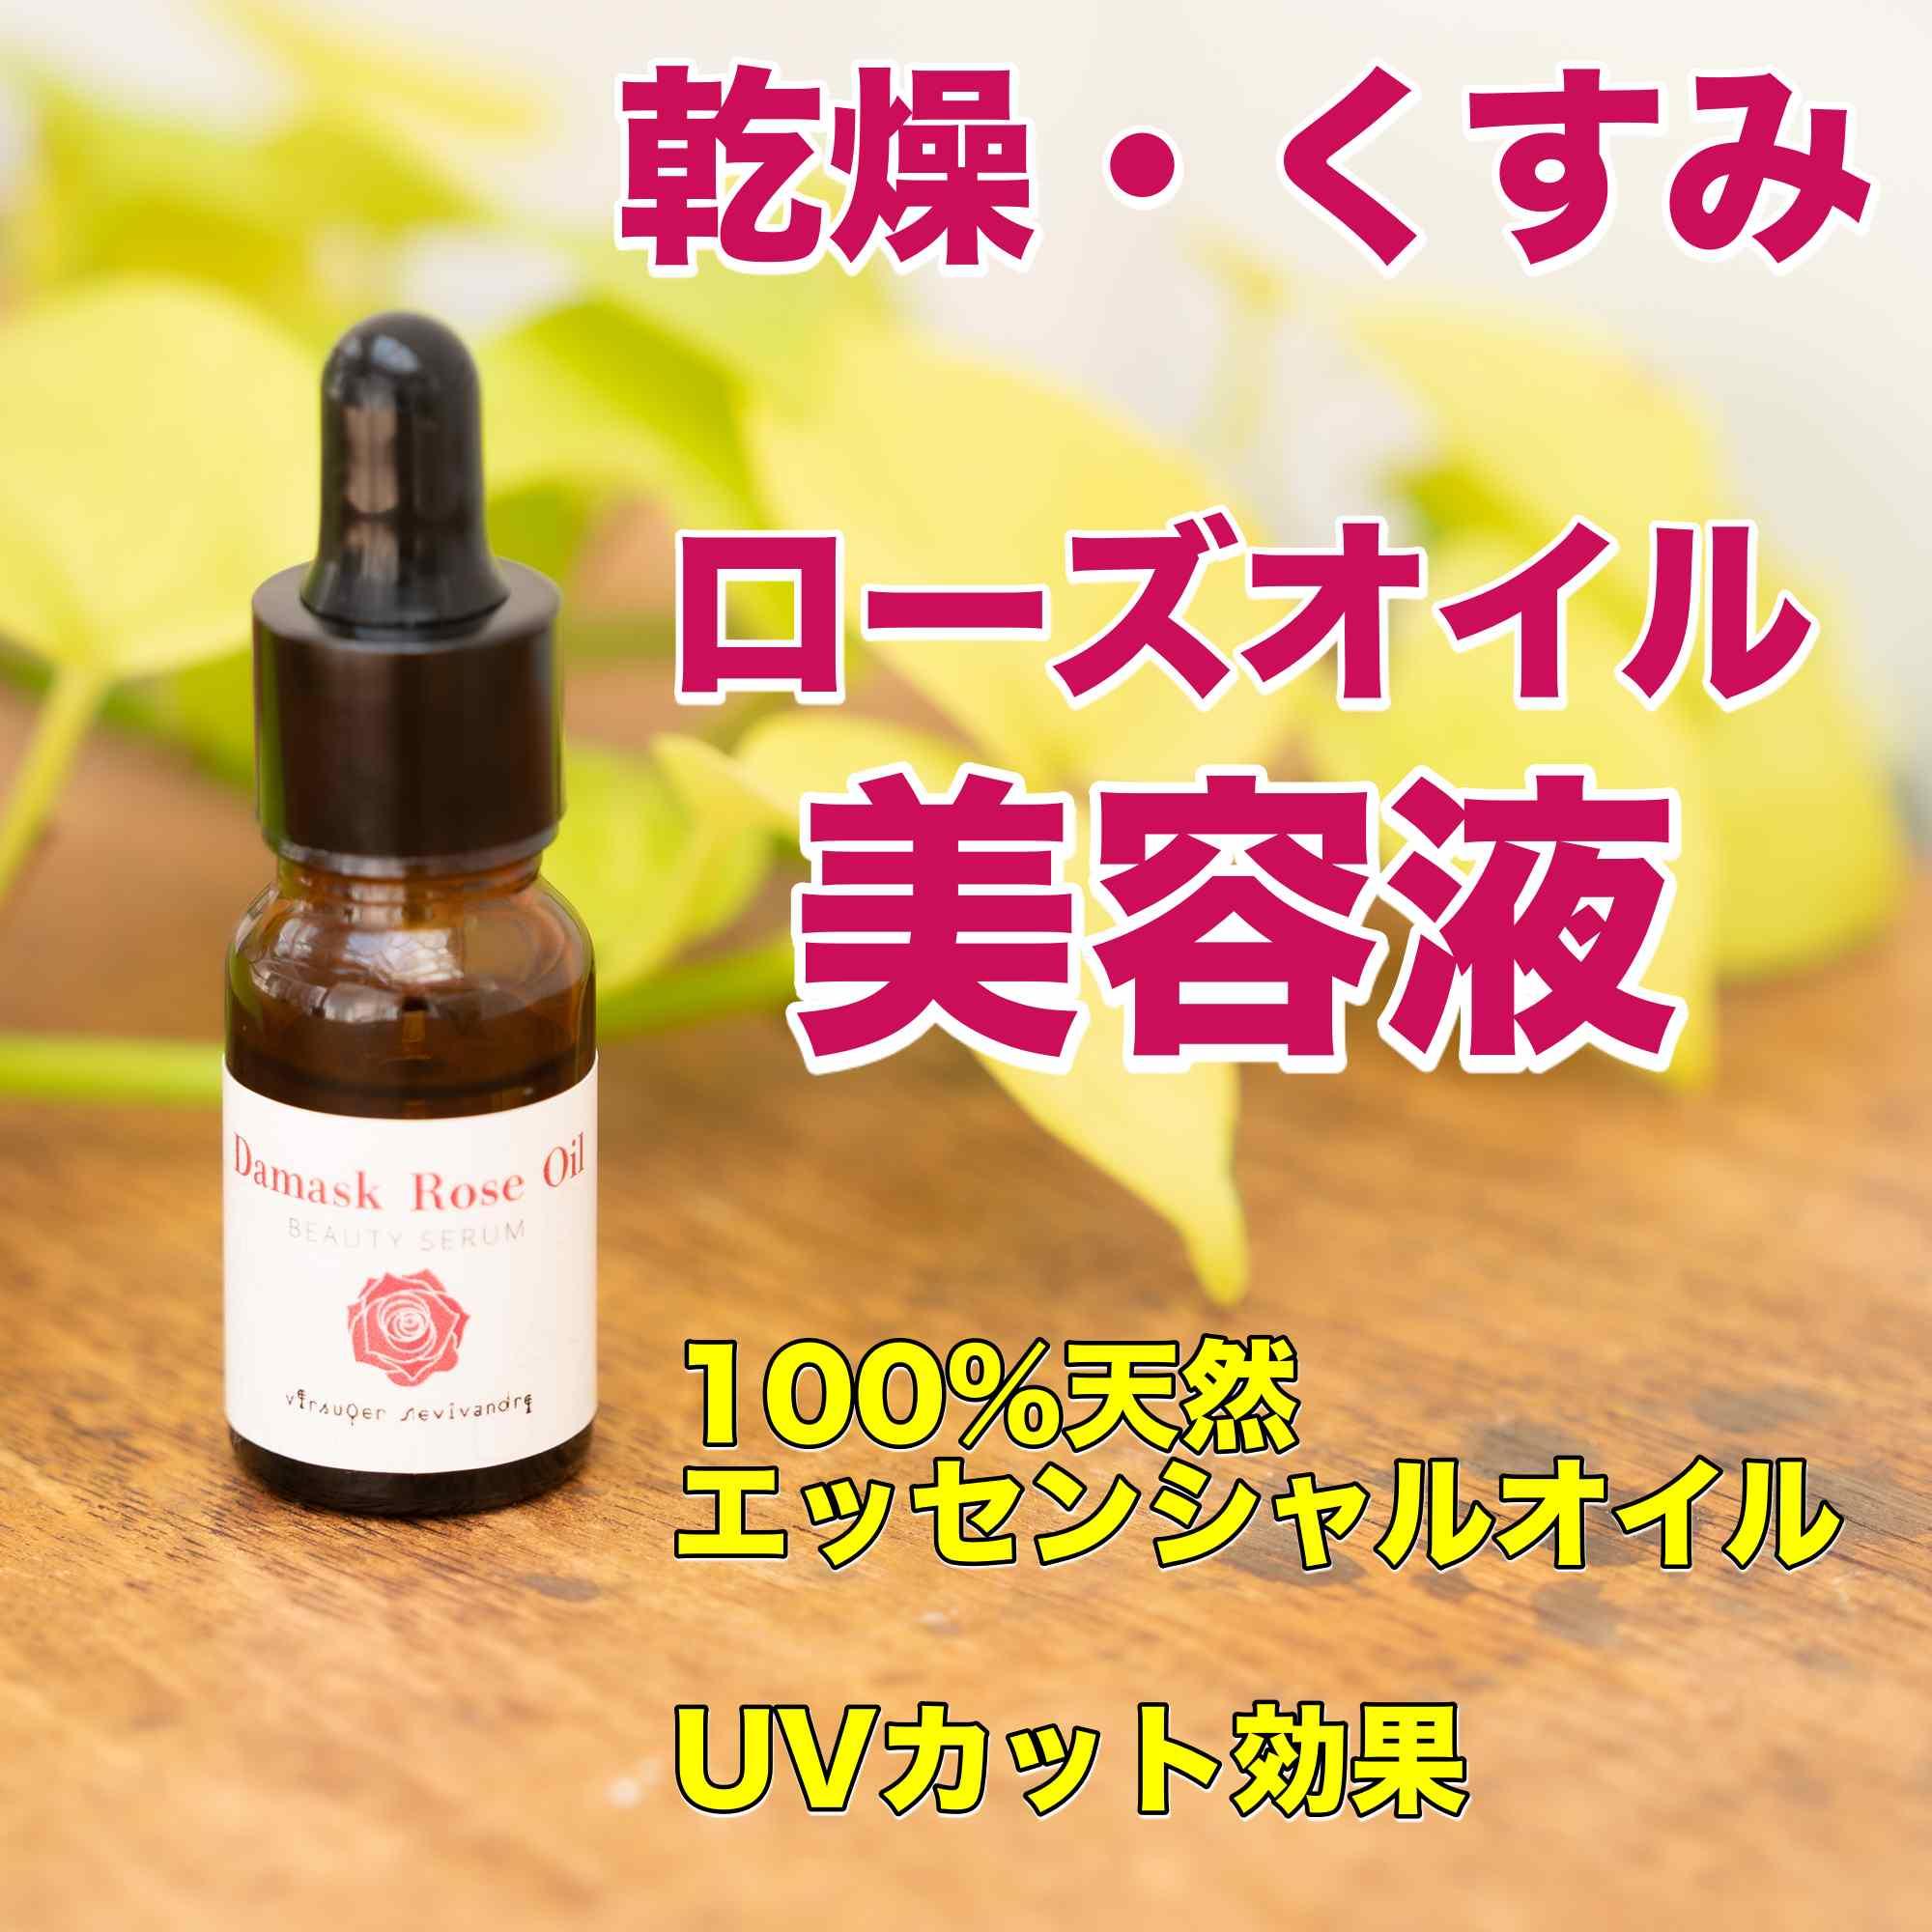 【ローズオイル美容液】あれた素肌を整え、潤いを与えるローズオットー10%配合美容液10ml